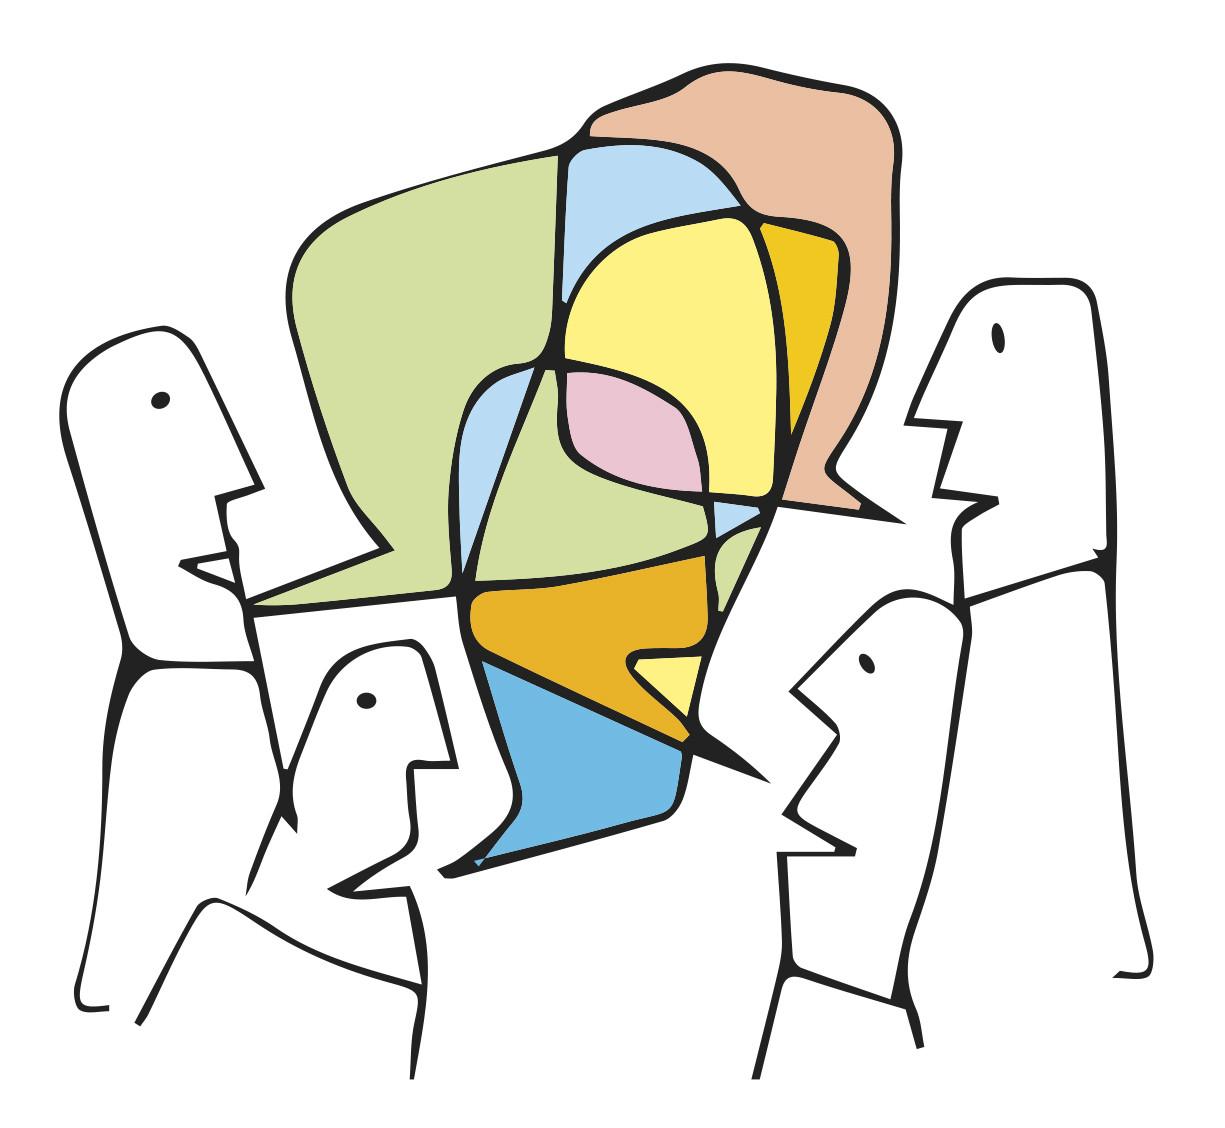 Kleurverschil in de eindlaag, een bron voor discussie! Discussion